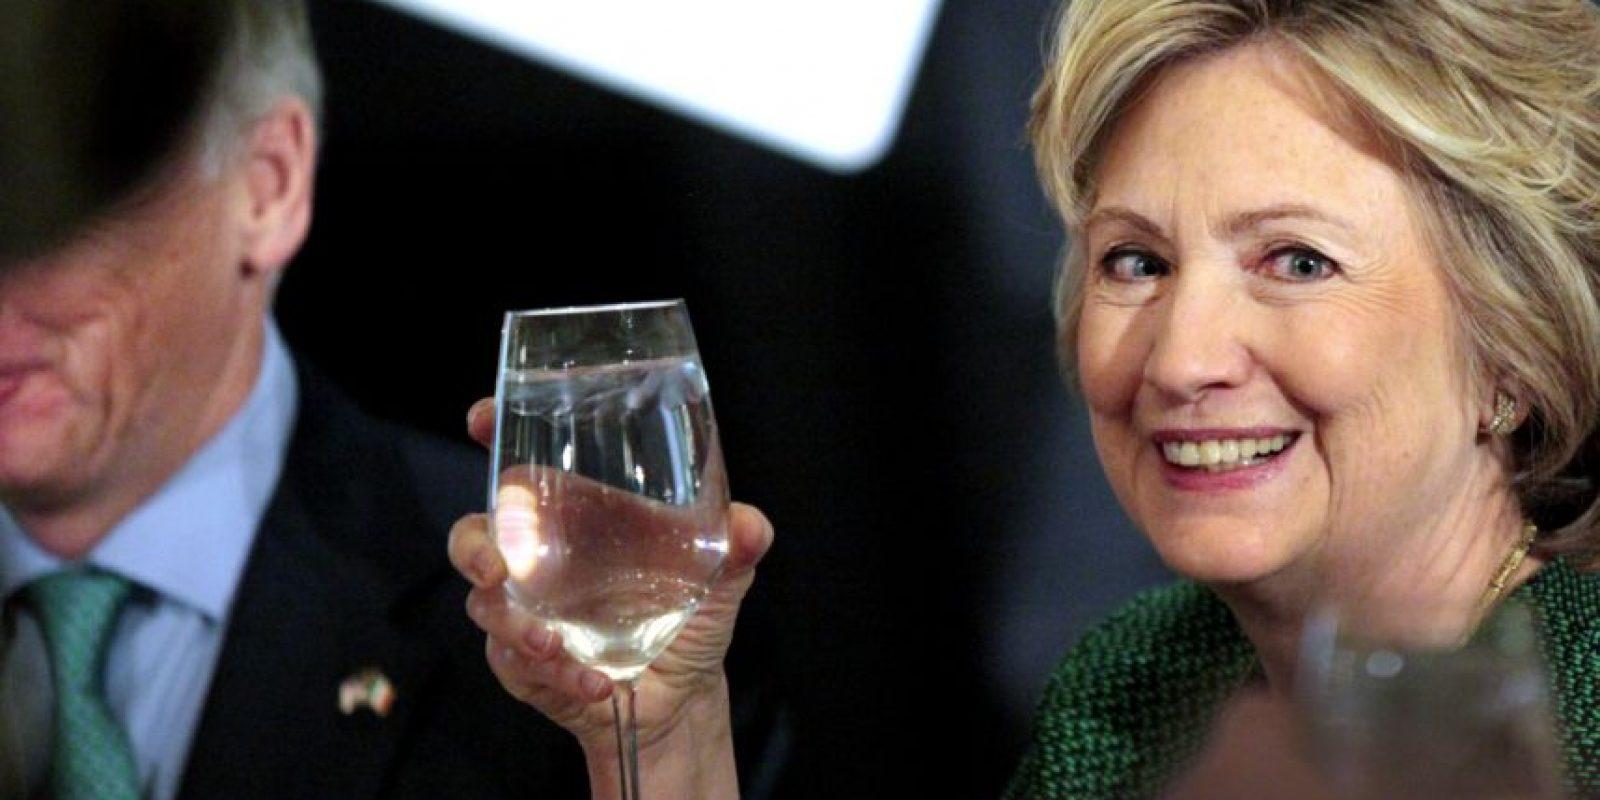 Su campaña se enfocará en la clase media y trabajadora. Foto:Getty Images